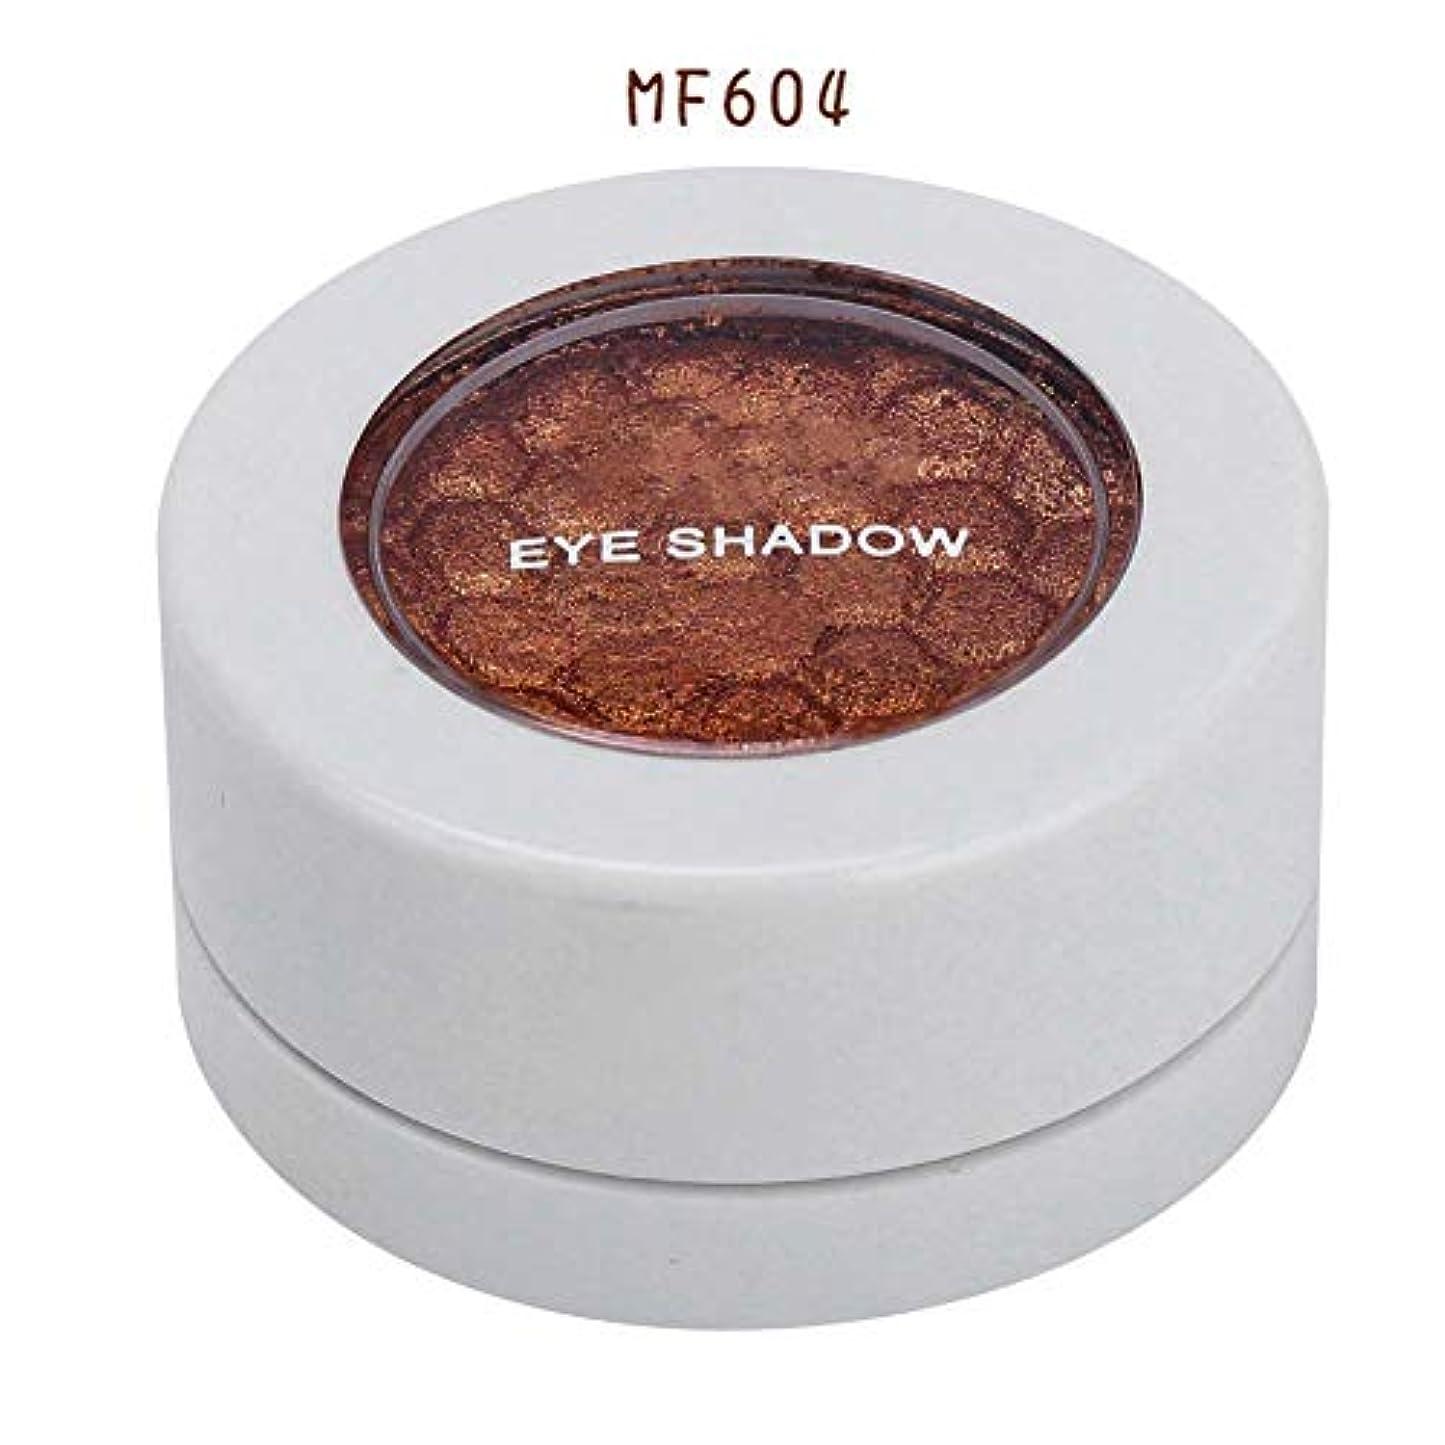 ディスパッチ処方する冗長4色 アイシャドウパレット アイシャドウパレット 化粧品ツール 化粧マットグロス アイシャドウパウダー (MF604)